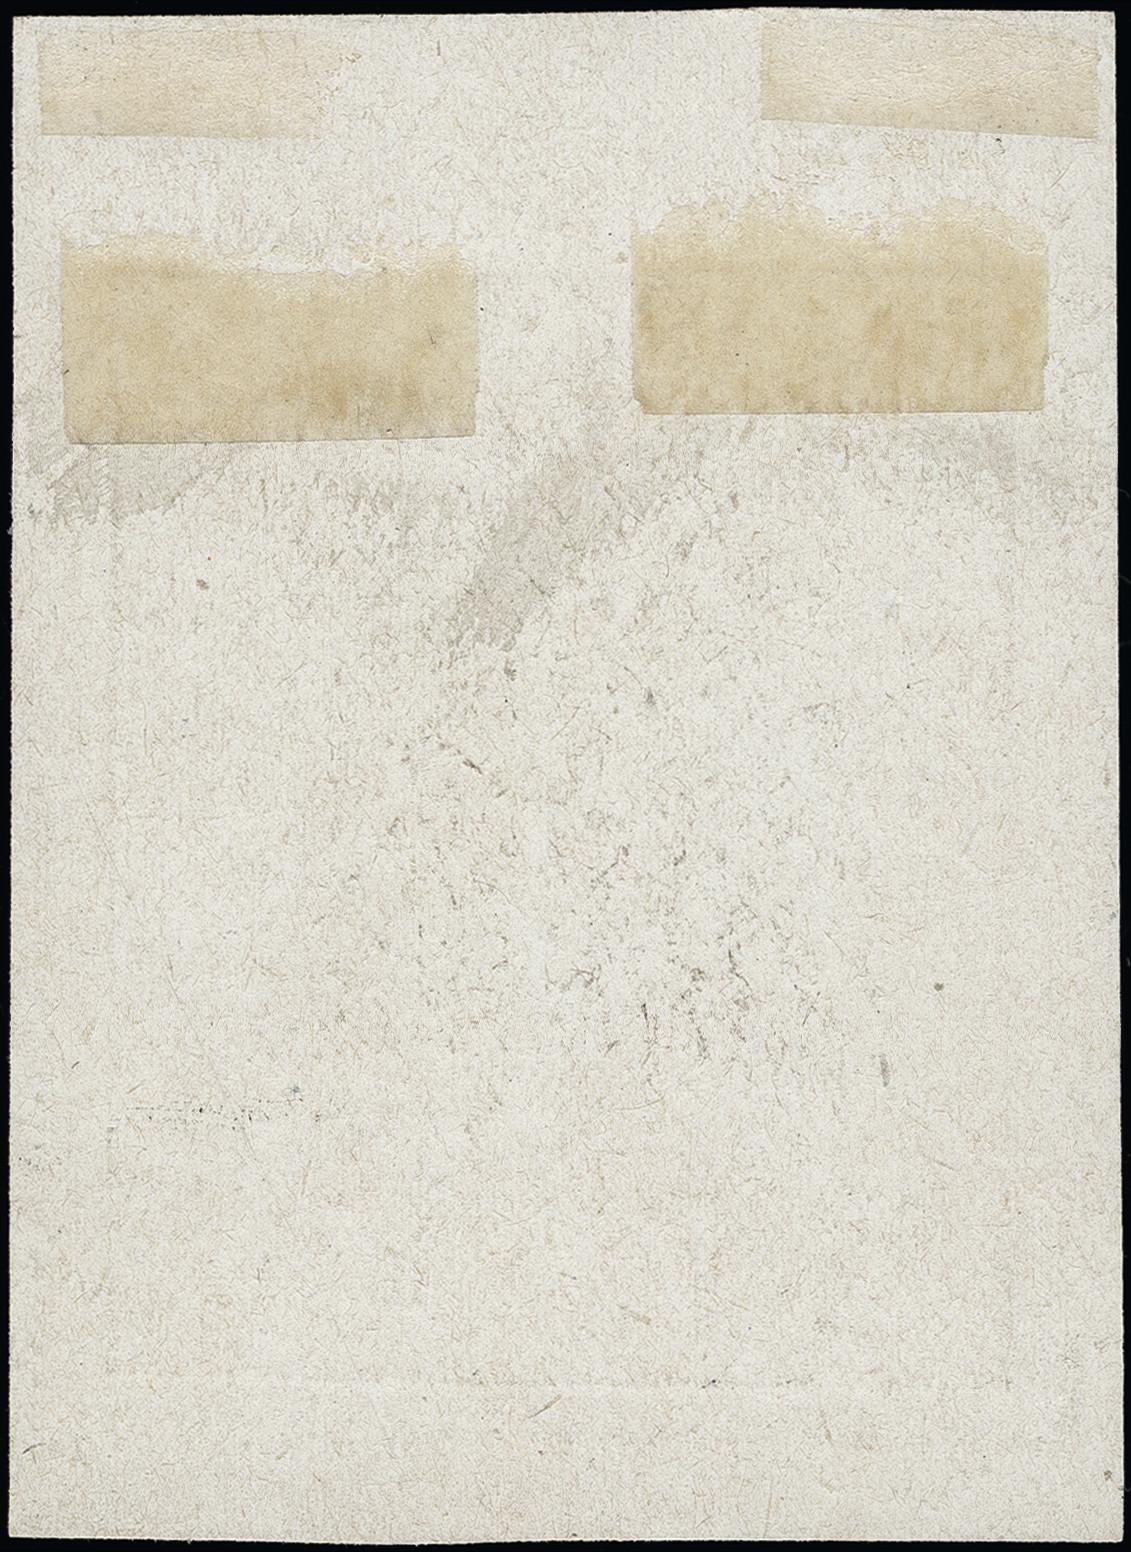 Lot 1366 - British Commonwealth lagos -  Heinrich Koehler Auktionen Heinrich Köhler Auction 376 - Day 1